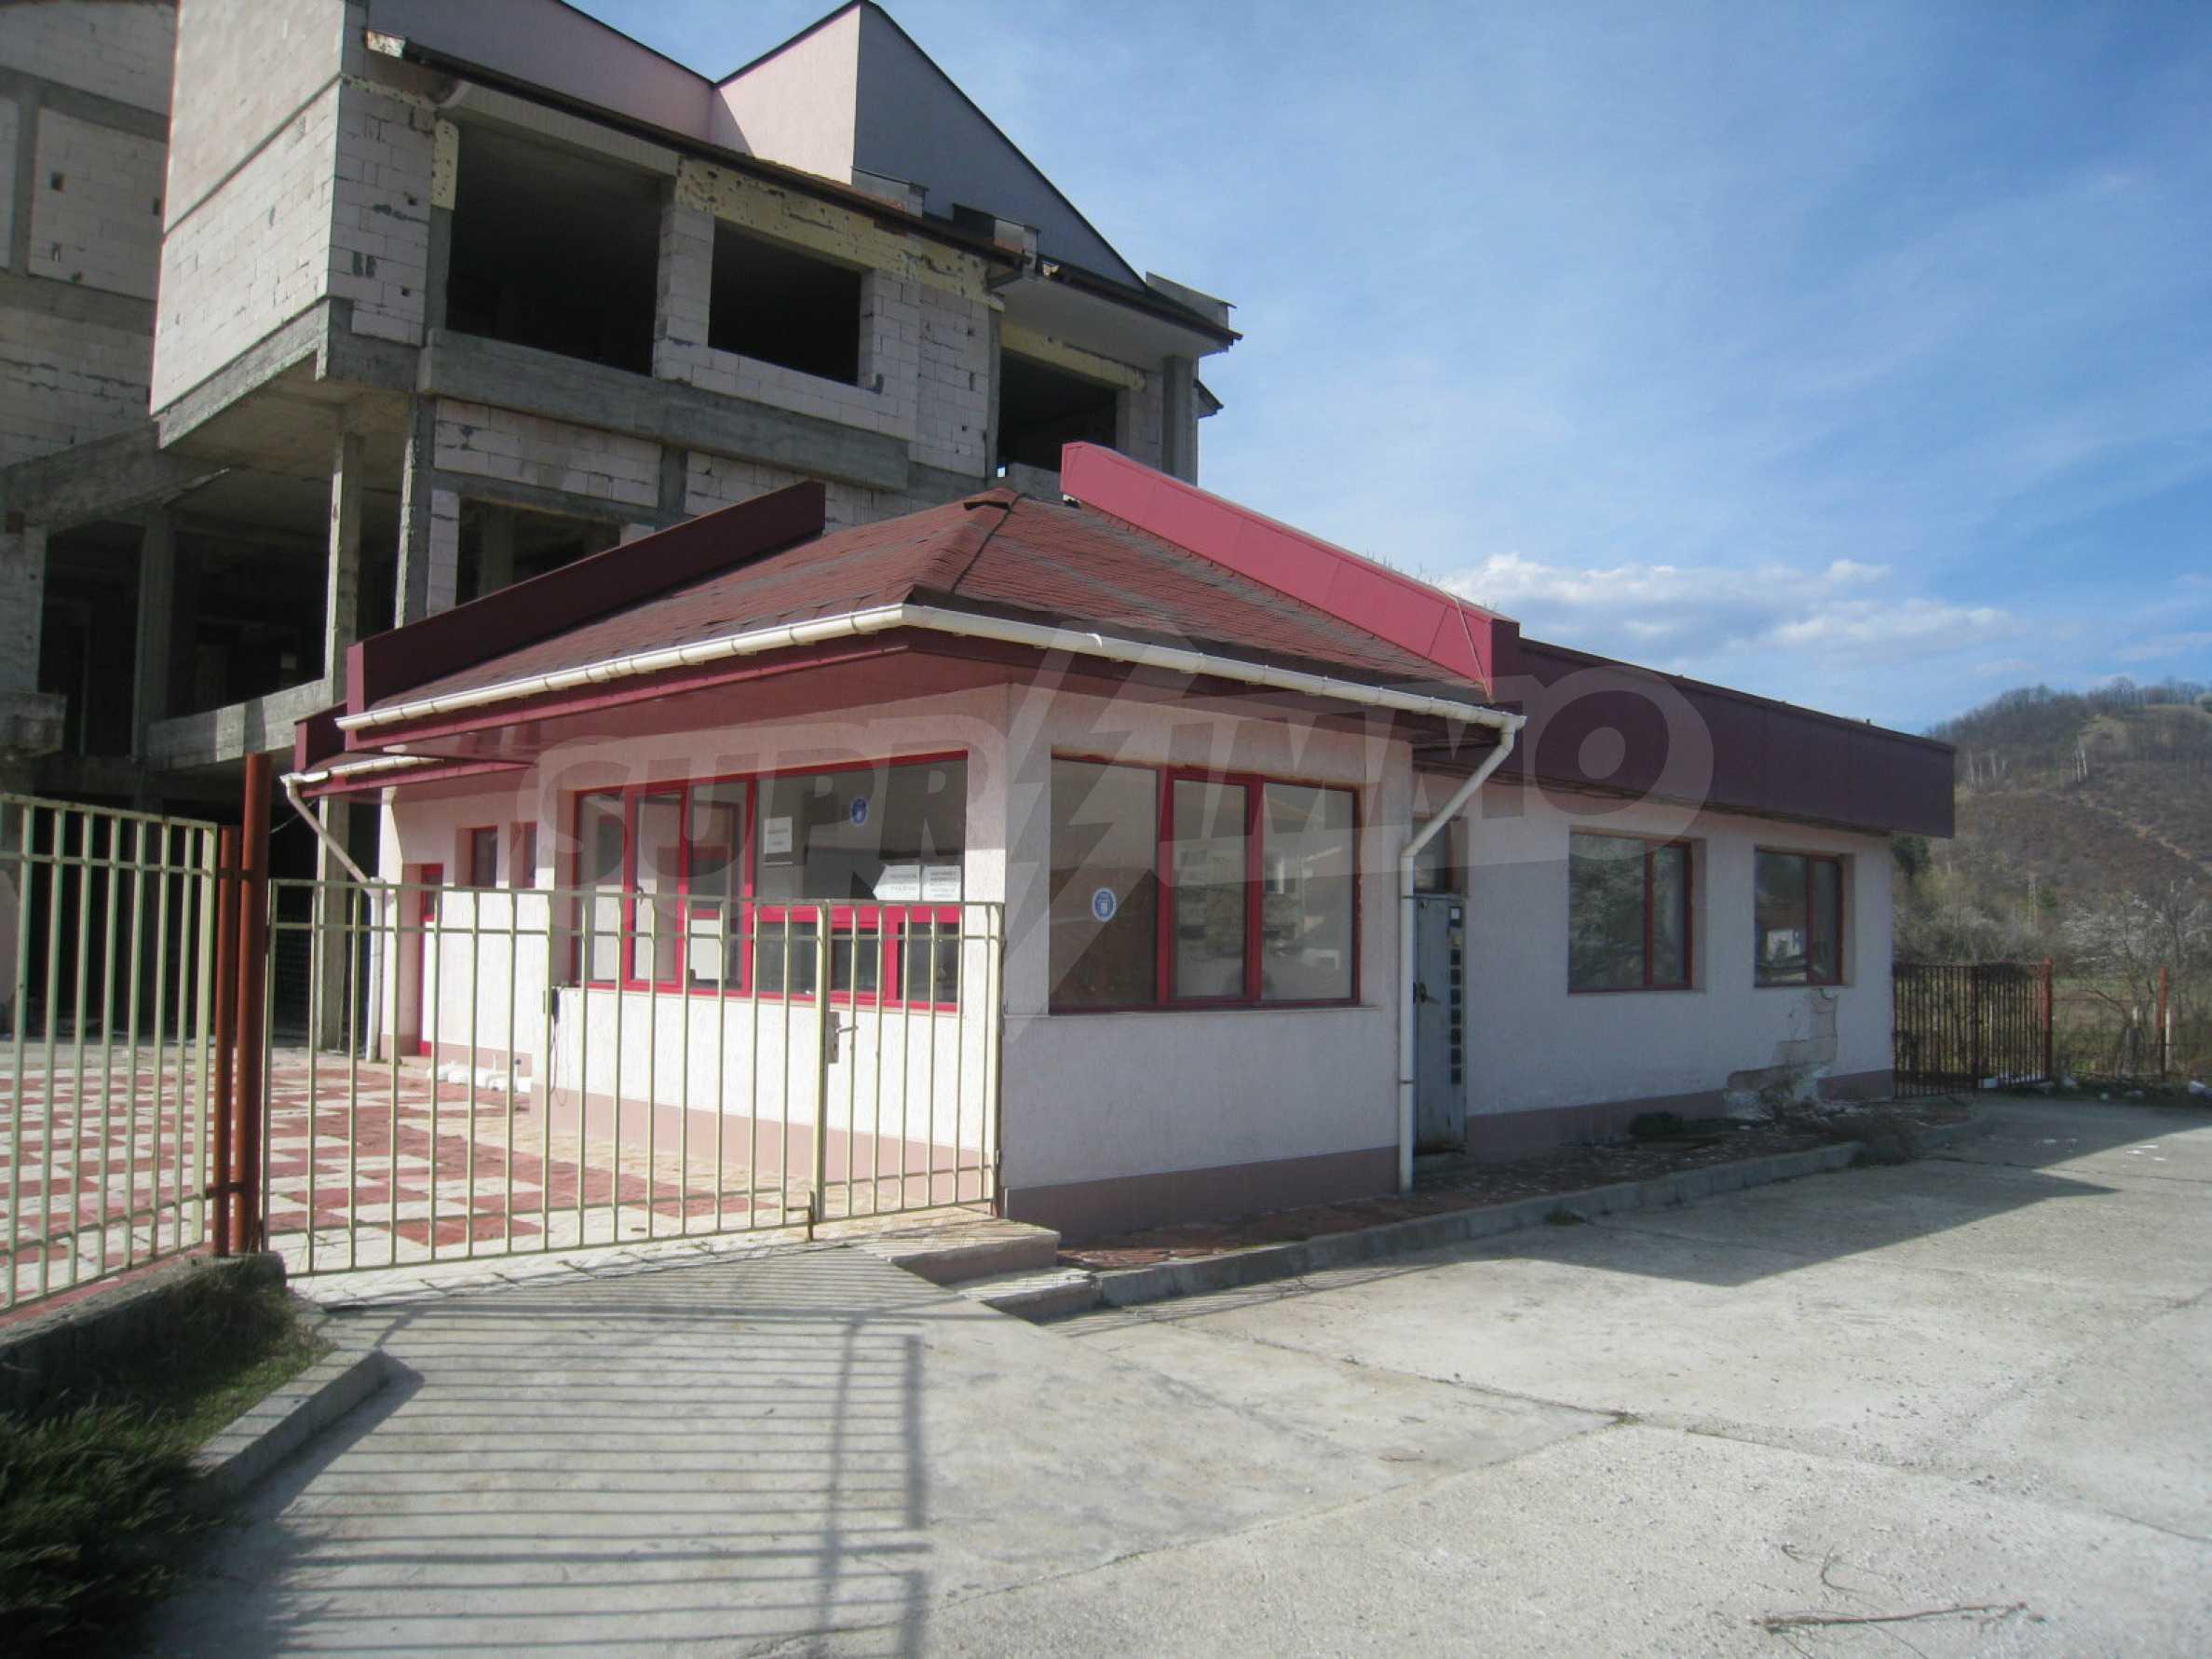 Hotelanlage mit Schwimmbad, Tankstelle und großem Grundstück in Etropole 41